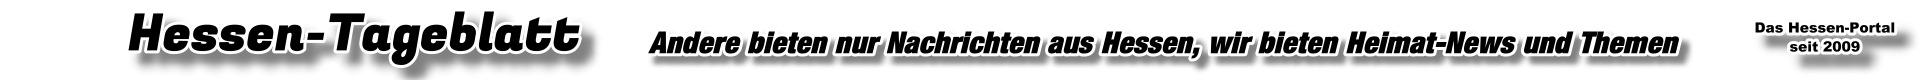 Hessen-Tageblatt-Logo-2017-2